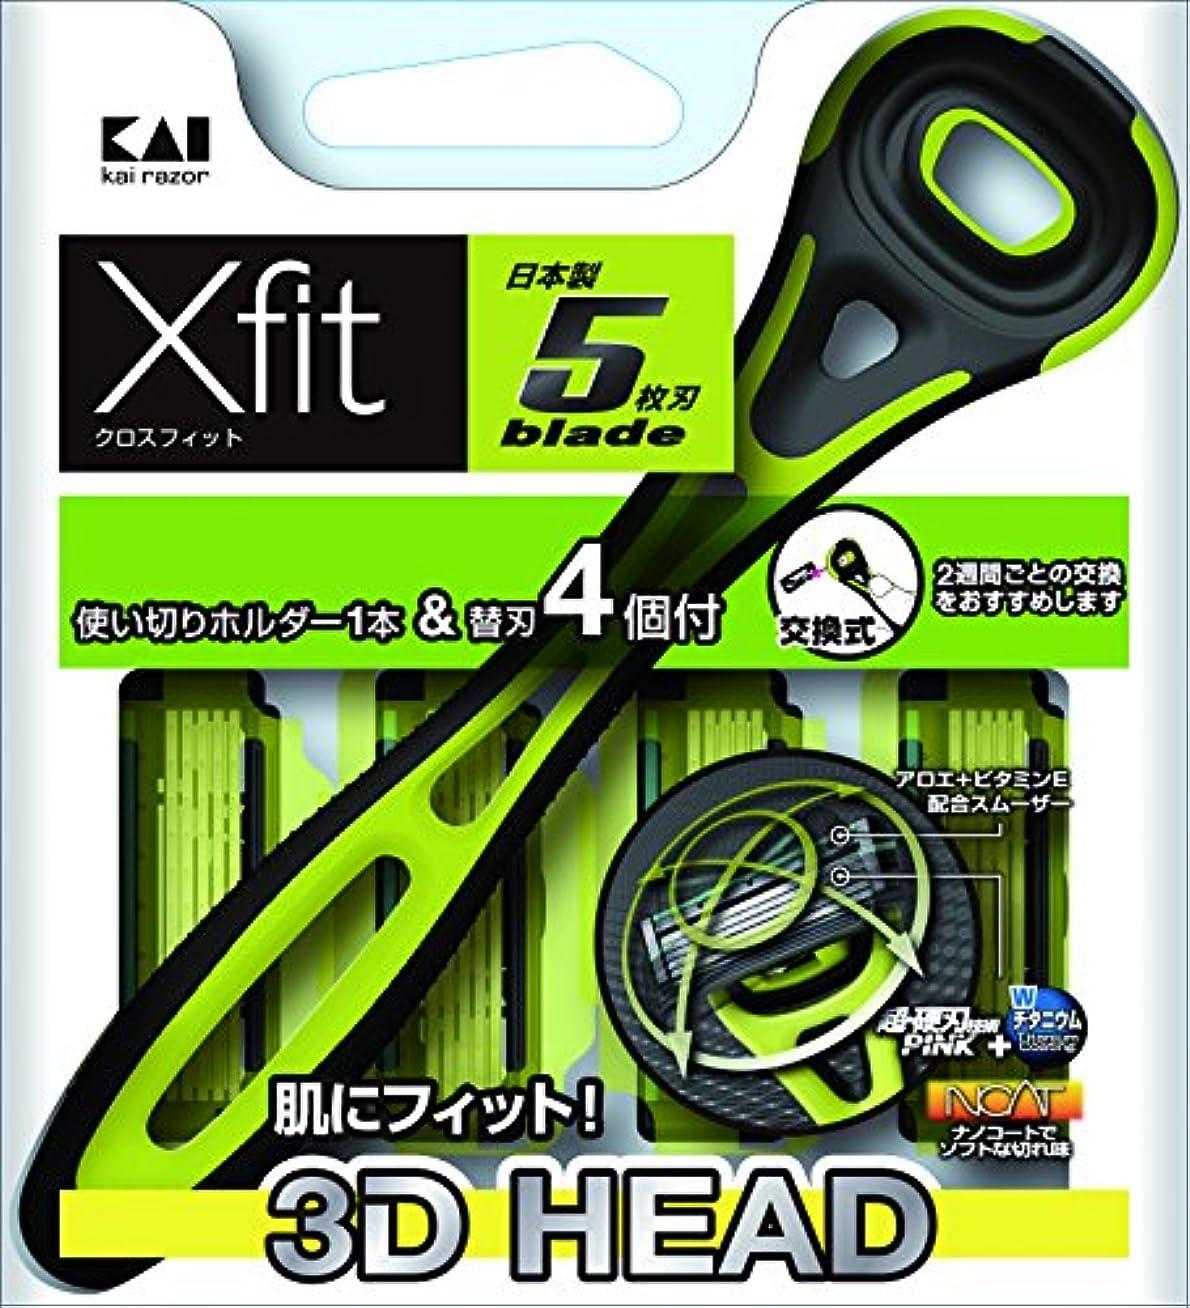 愚か安いです重力Xfit(クロスフィット)5枚刃 クリアパッケージ 使い切りホルダー+替刃4個